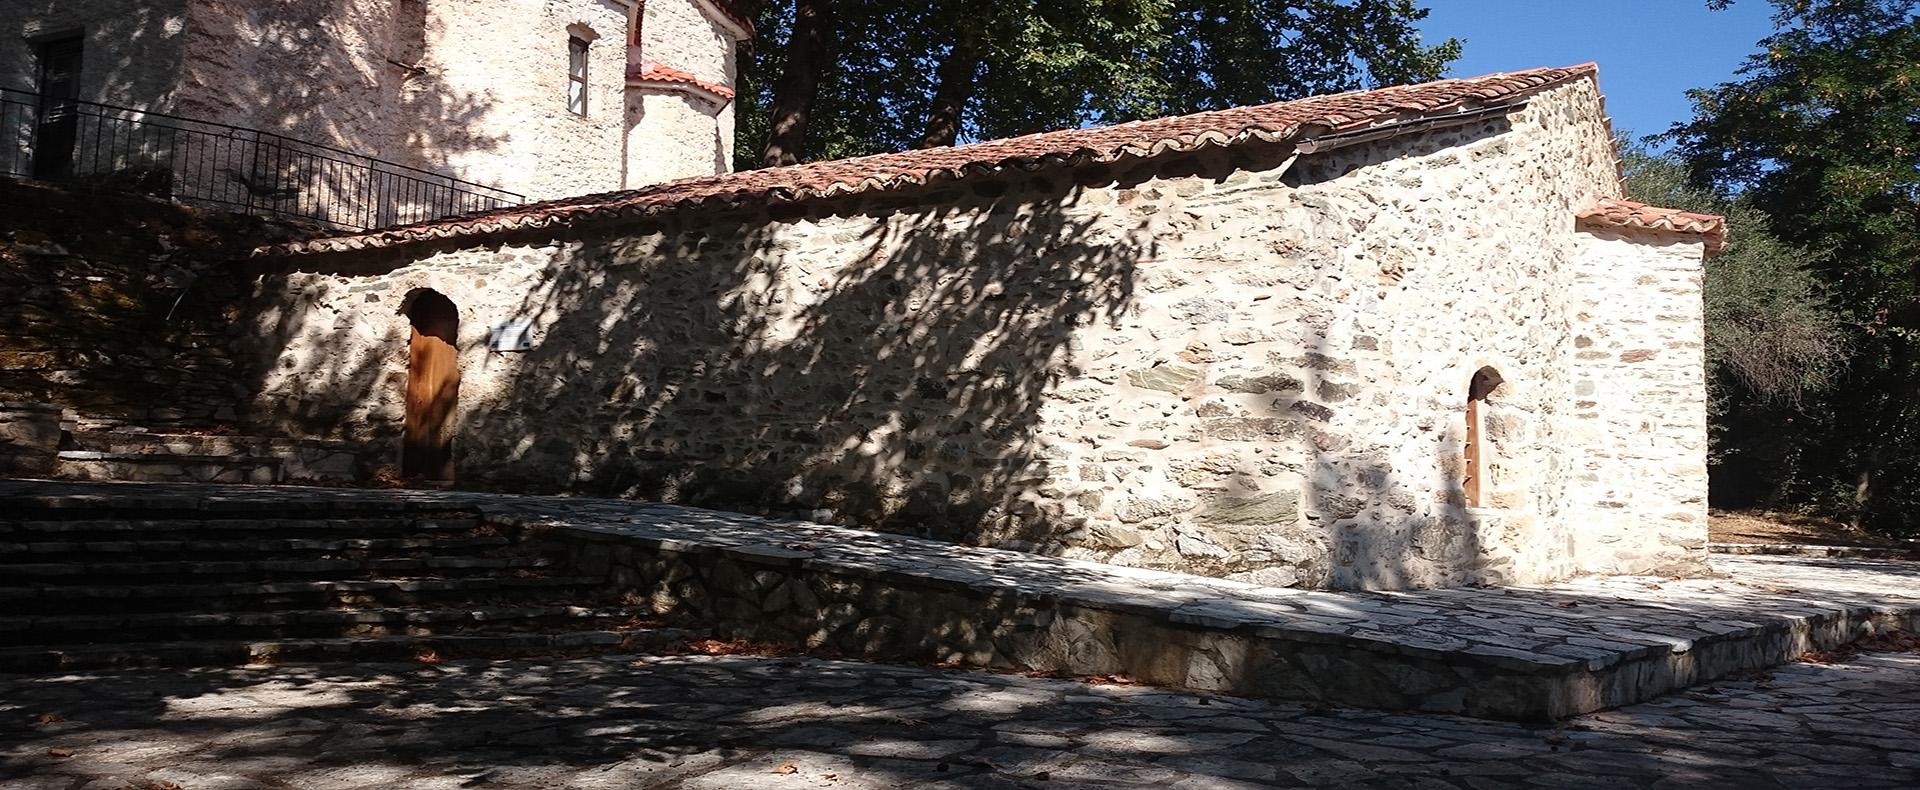 Το μοναστήρι του Προφήτη Ηλία στο Γεωργίτσι Λακωνίας